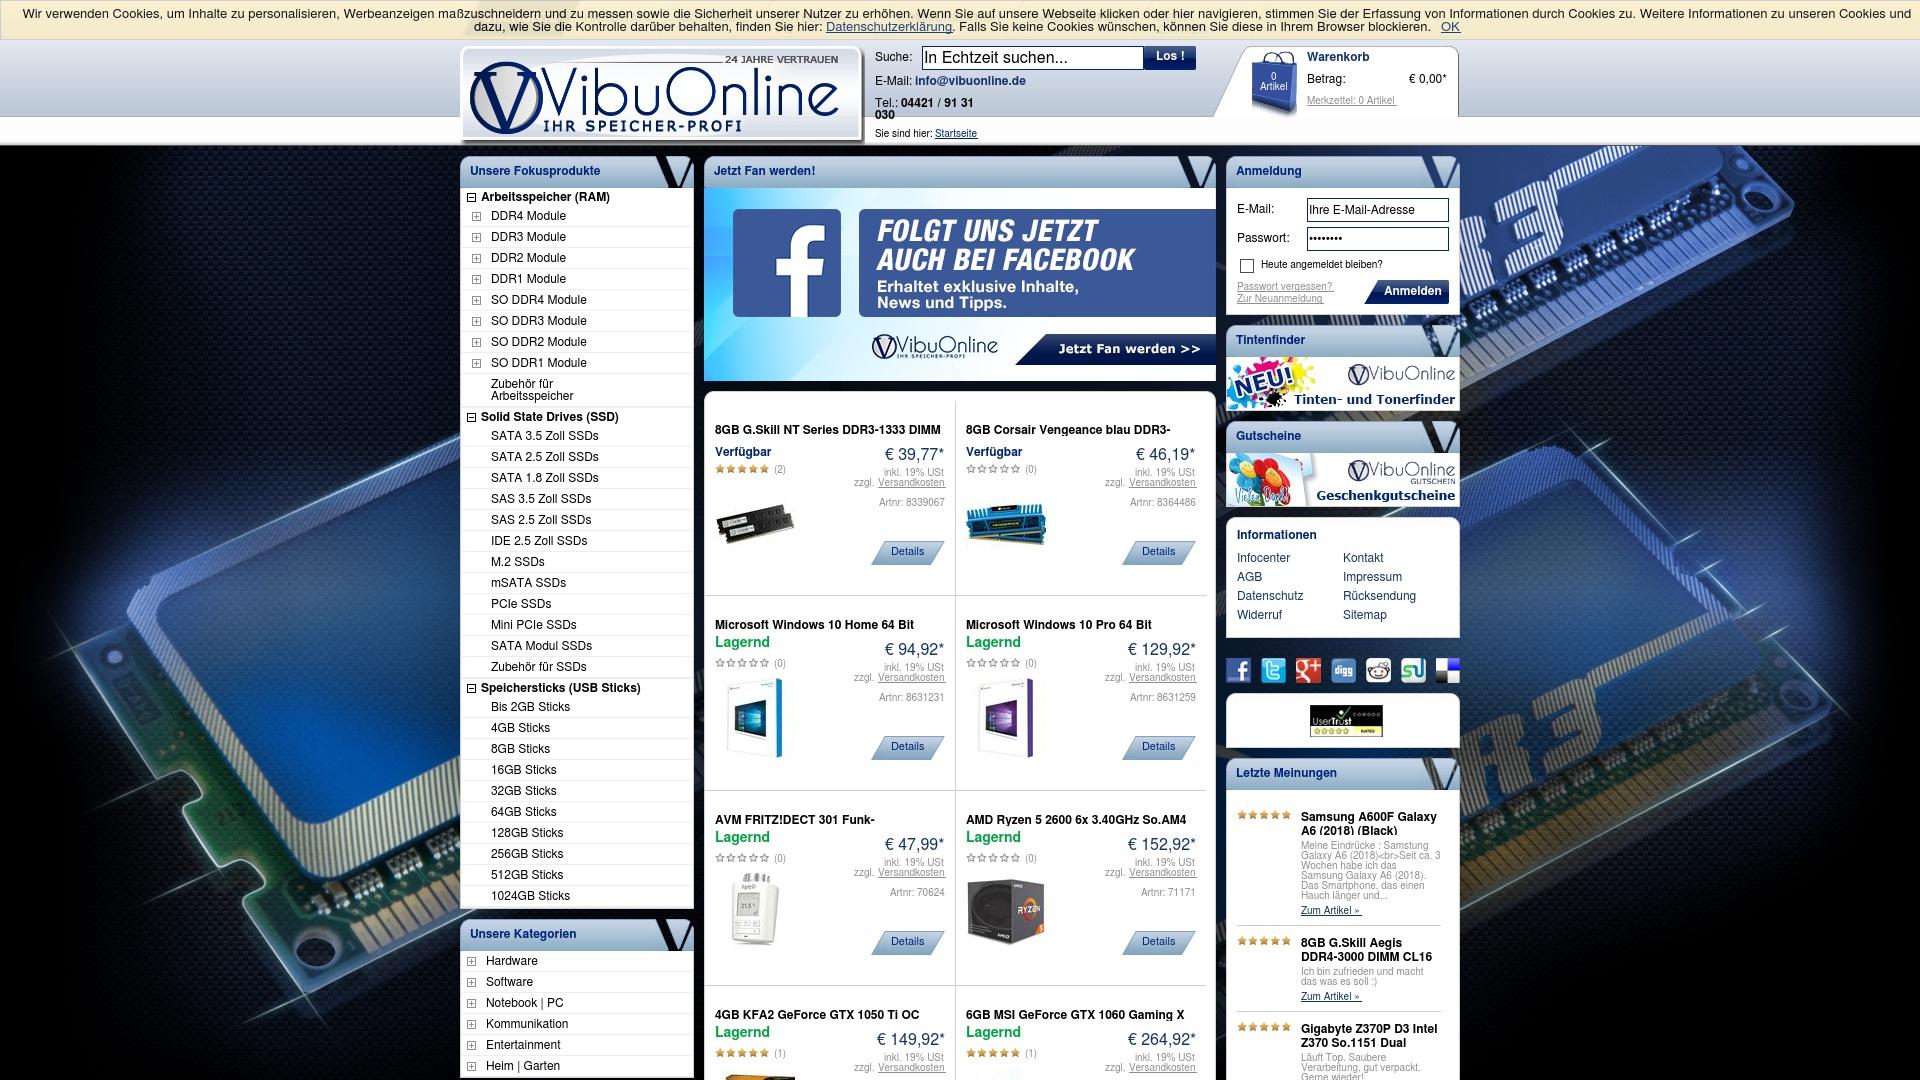 Gutschein für Vibuonline: Rabatte für  Vibuonline sichern